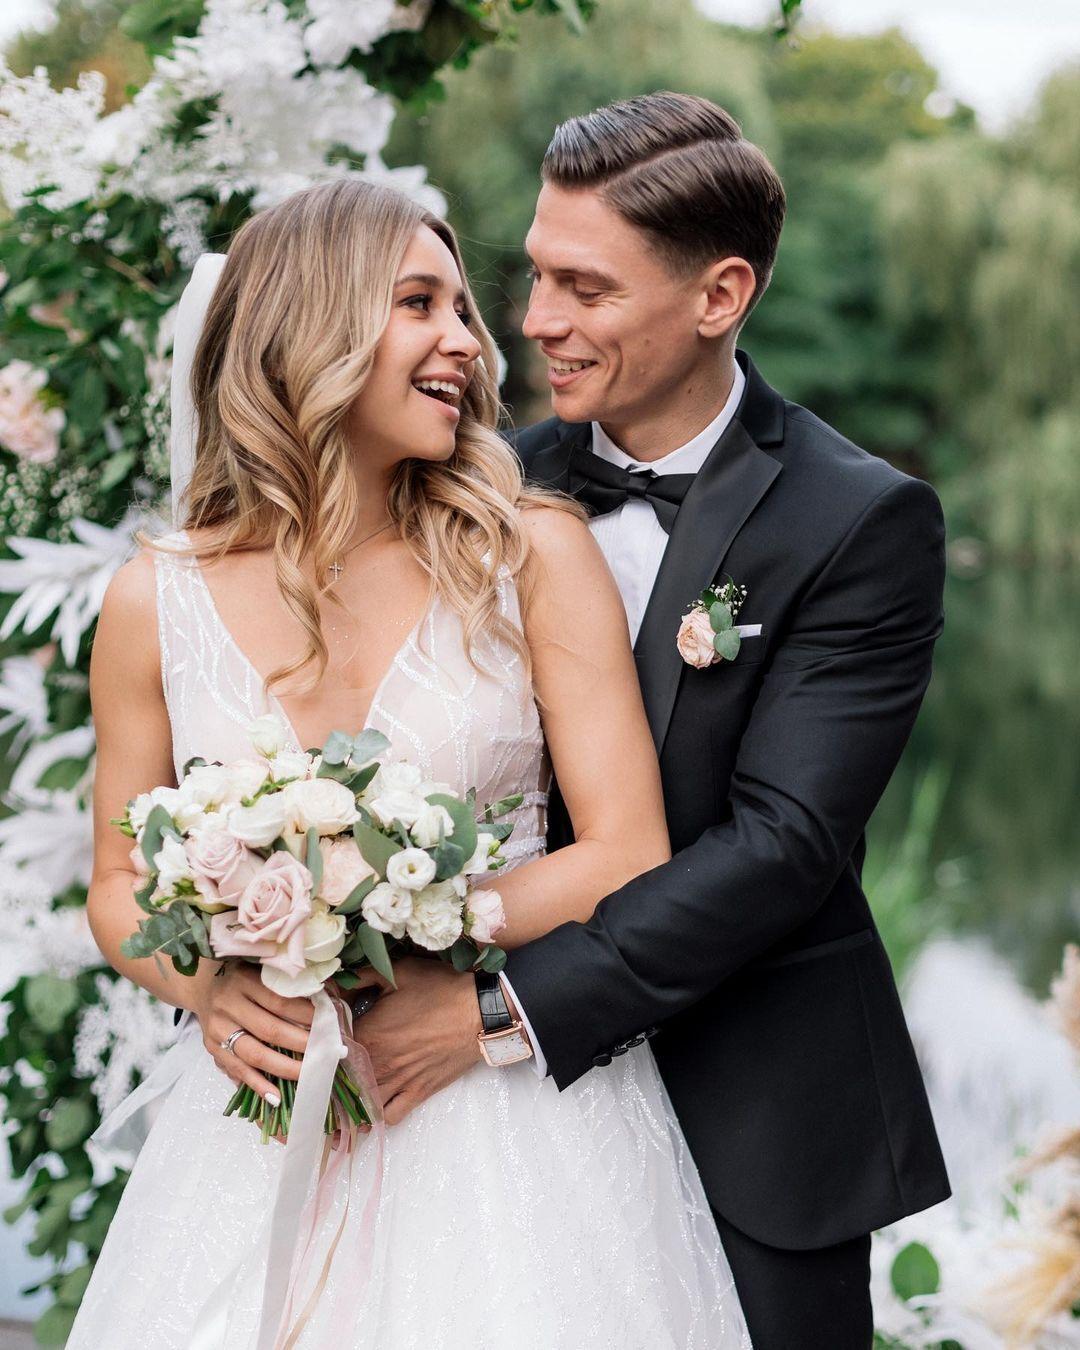 Анжелика Терлюга вышла замуж в 2021 году.